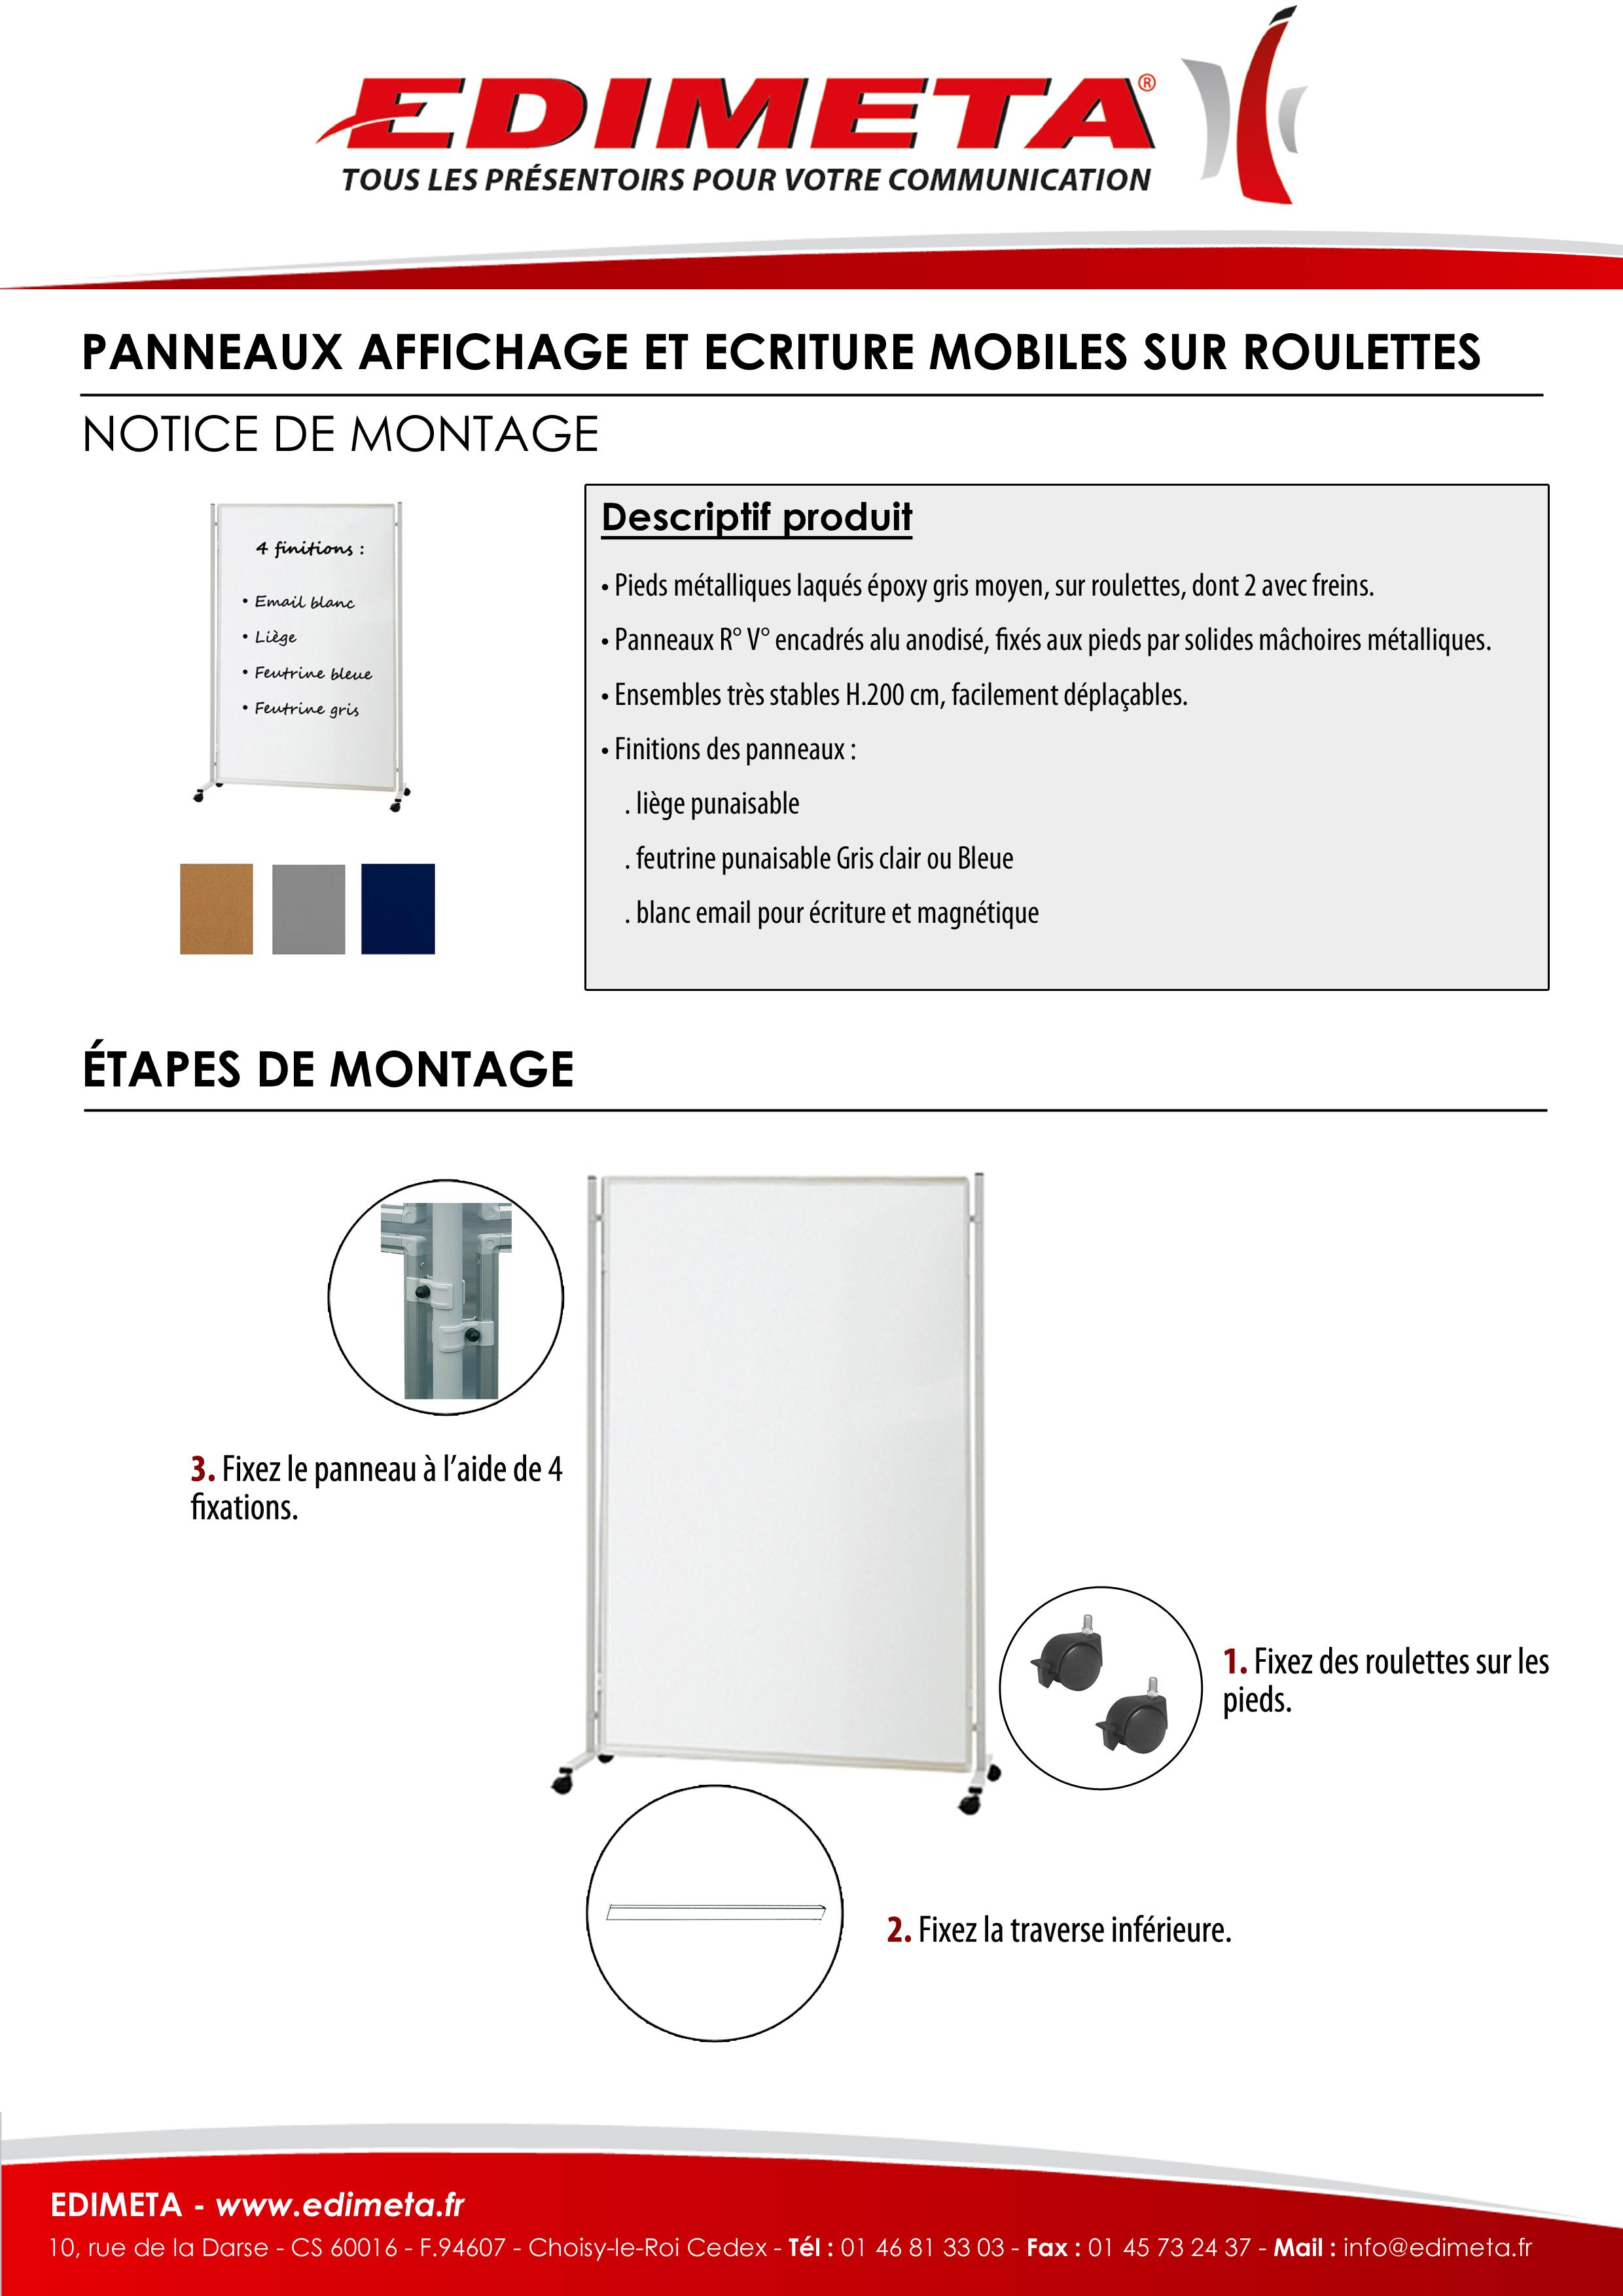 NOTICE DE MONTAGE : PANNEAUX AFFICHAGE ET ECRITURE MOBILES SUR ROULETTES